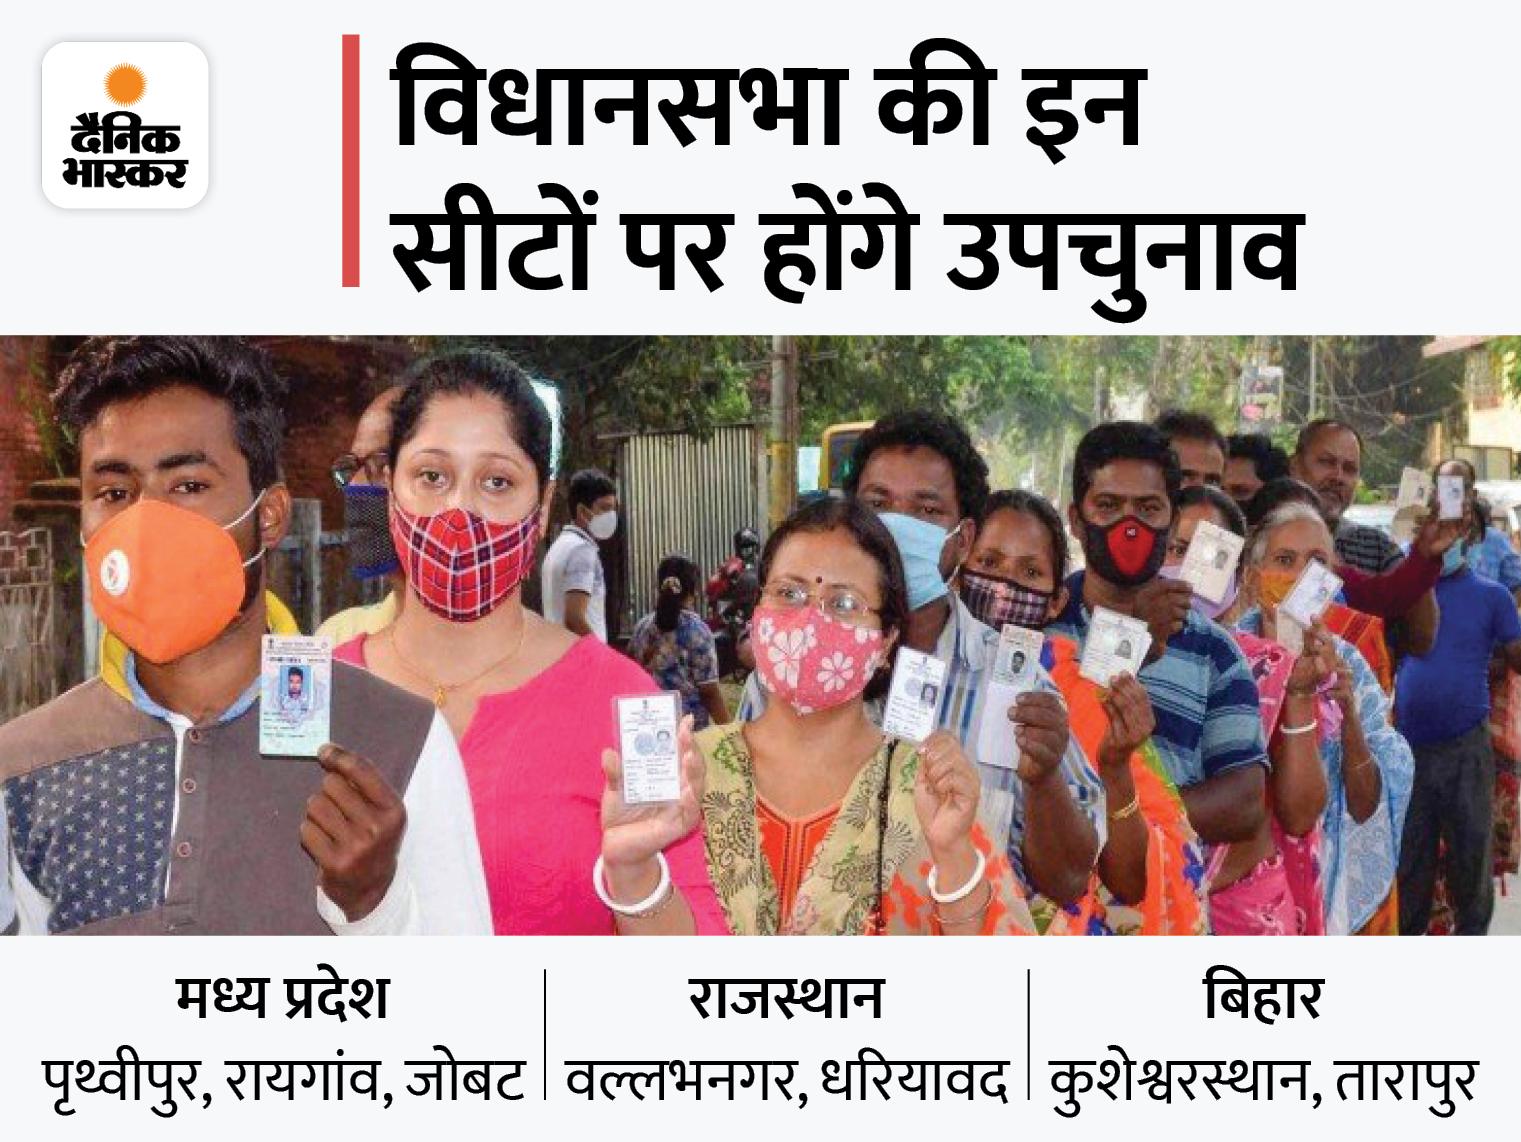 MP, राजस्थान समेत 14 राज्यों की 30 विधानसभा सीटों पर 30 अक्टूबर को उपचुनाव, 3 लोकसभा सीटों पर भी बाई इलेक्शन देश,National - Dainik Bhaskar